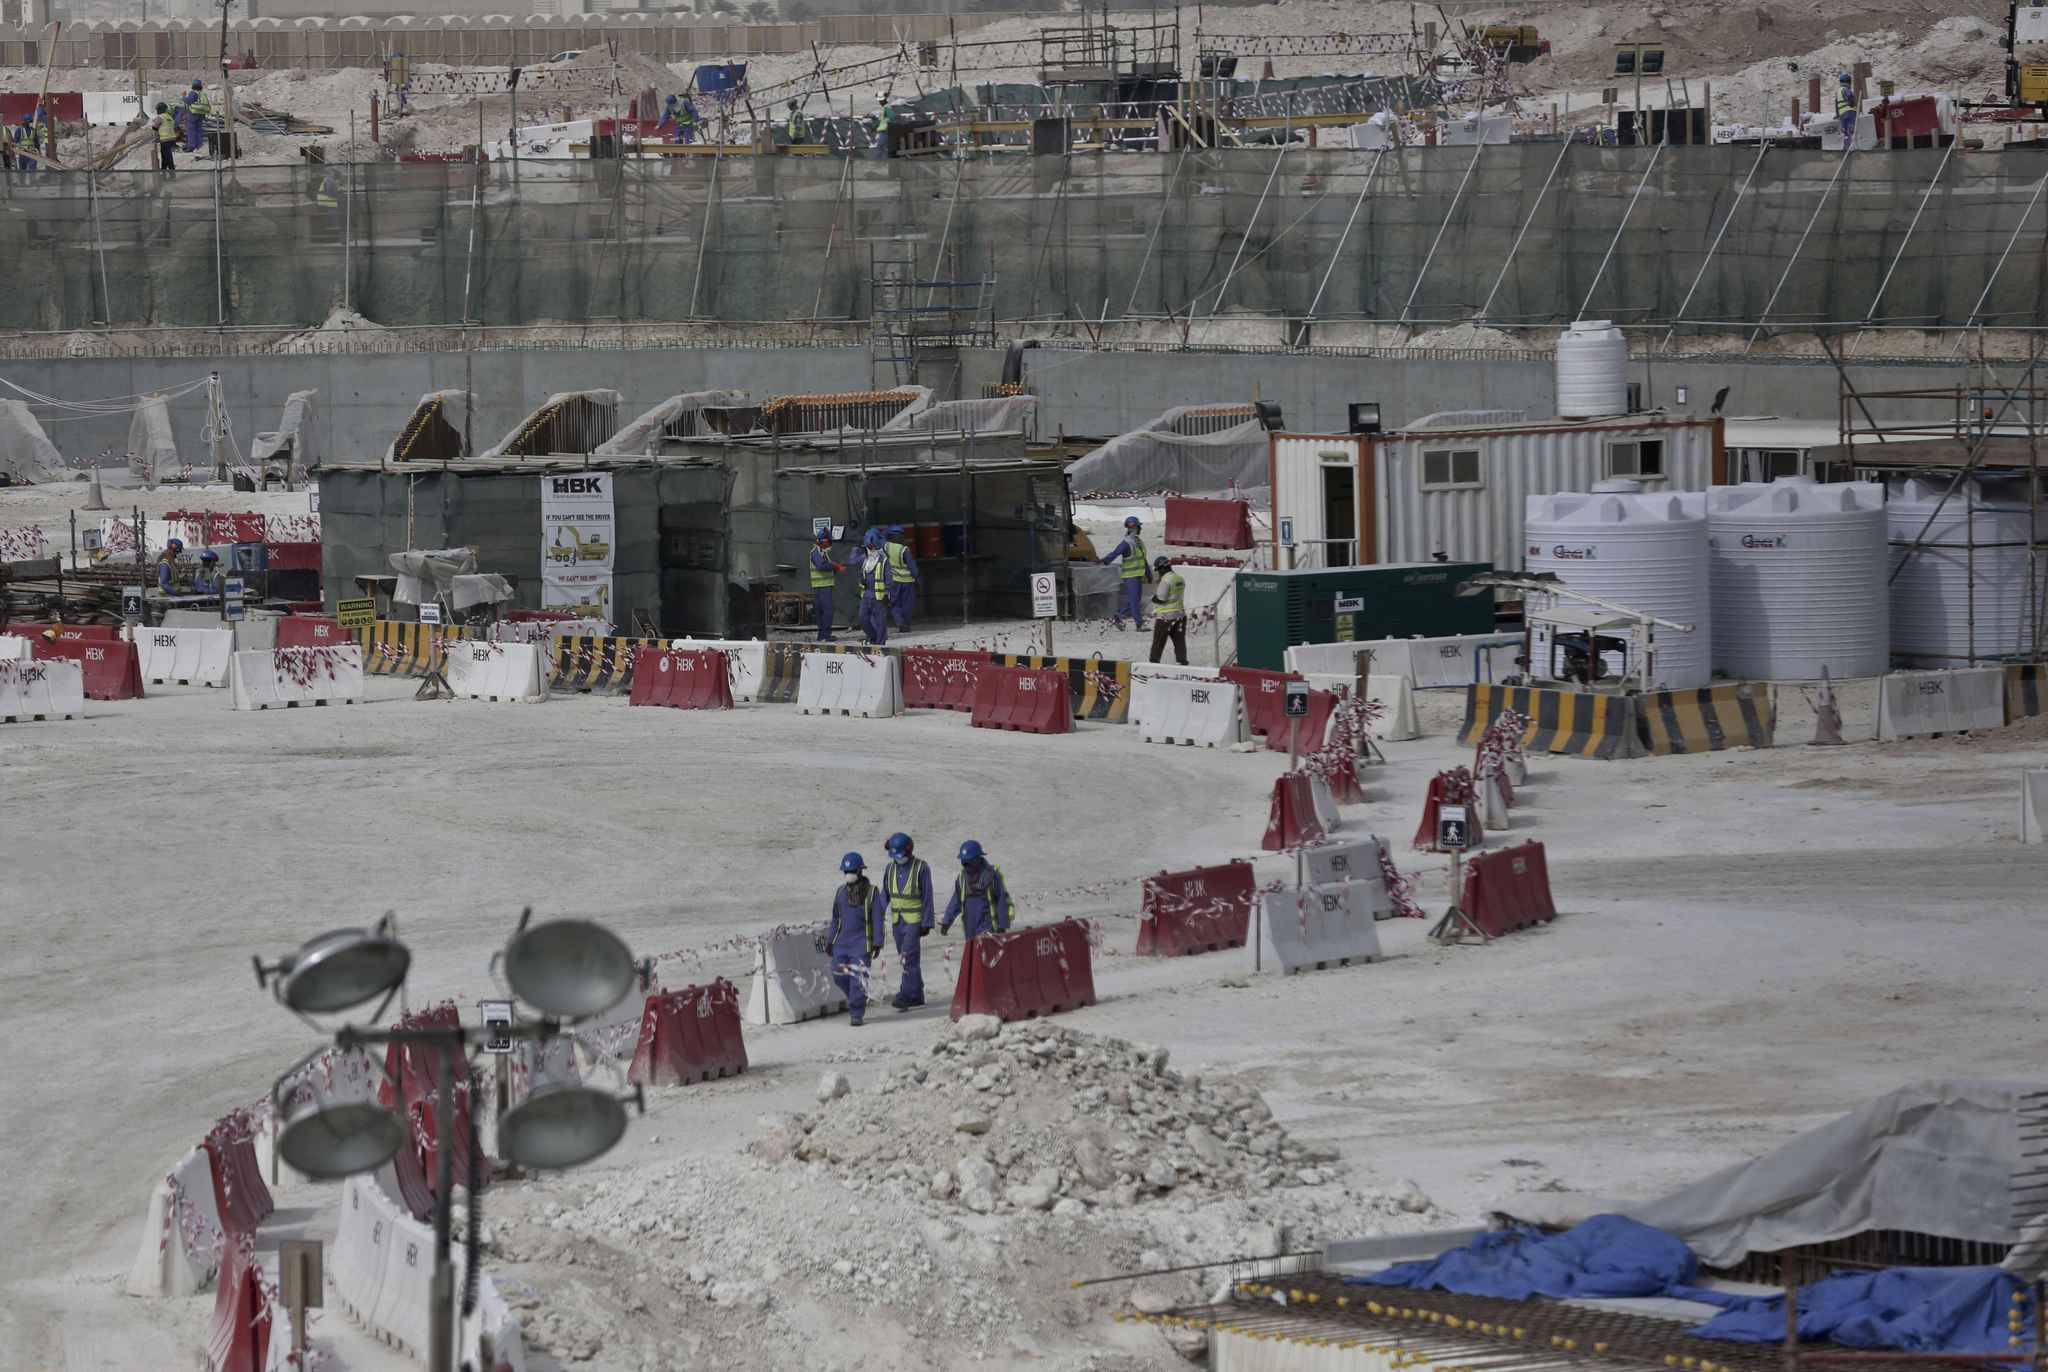 Coupe du monde 2022 le qatar va planter arbres - Qatar football coupe du monde ...